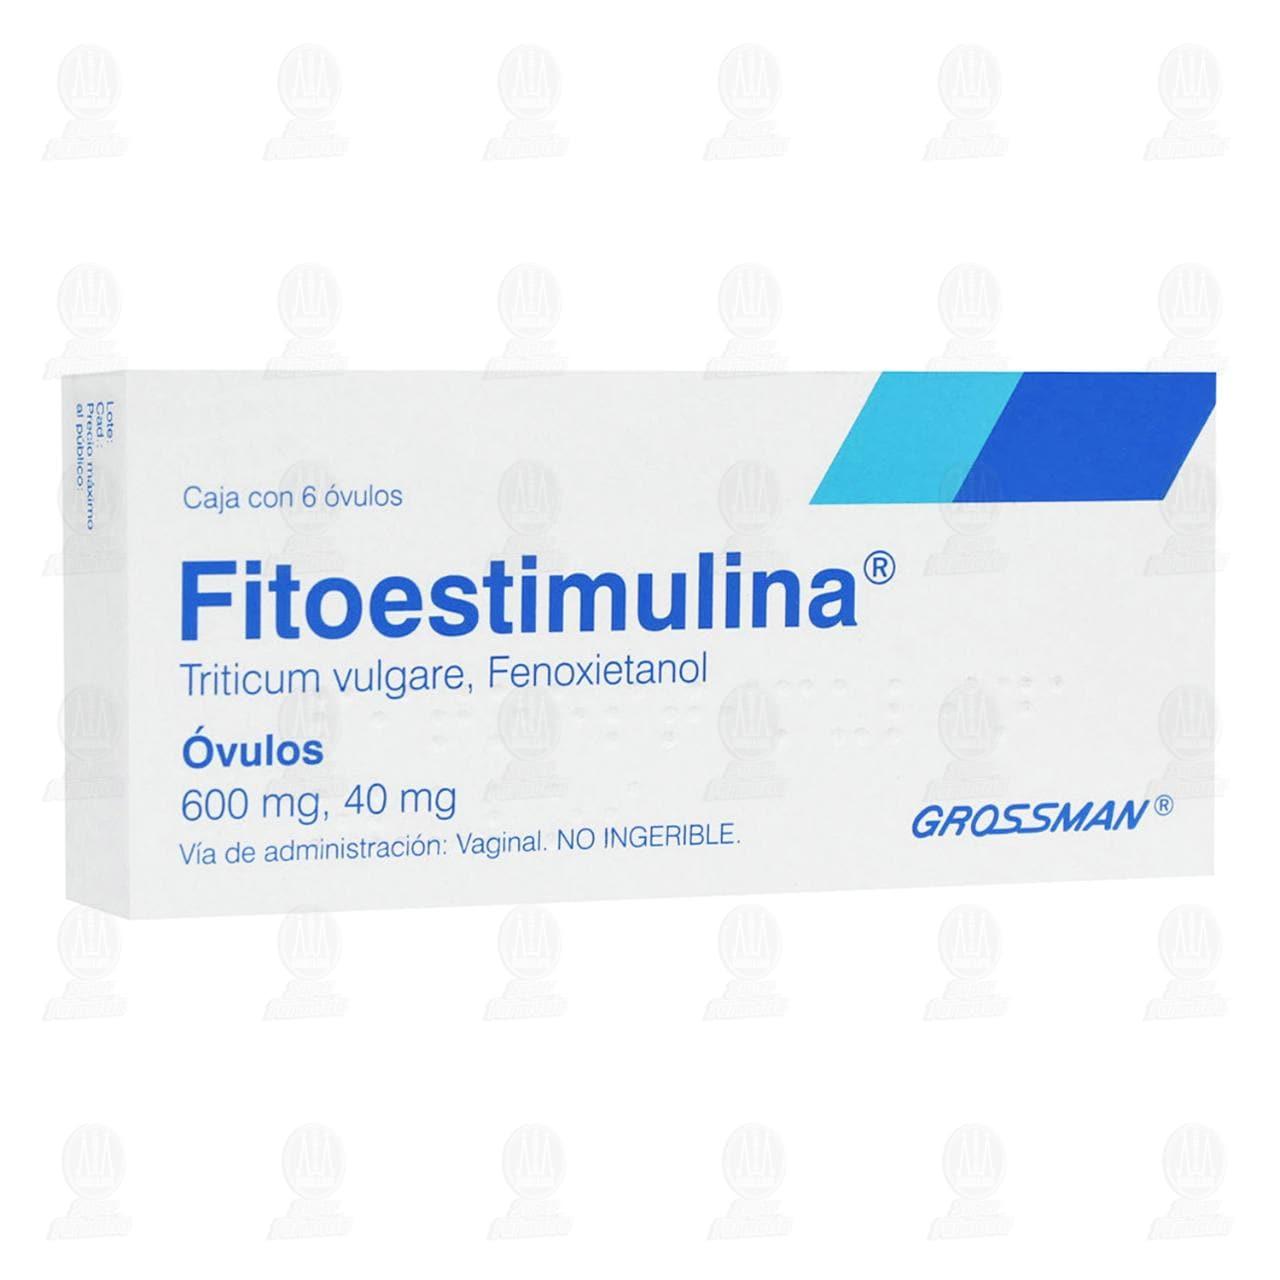 Comprar Fitoestimulina 600mg/40mg 6 Óvulos en Farmacias Guadalajara